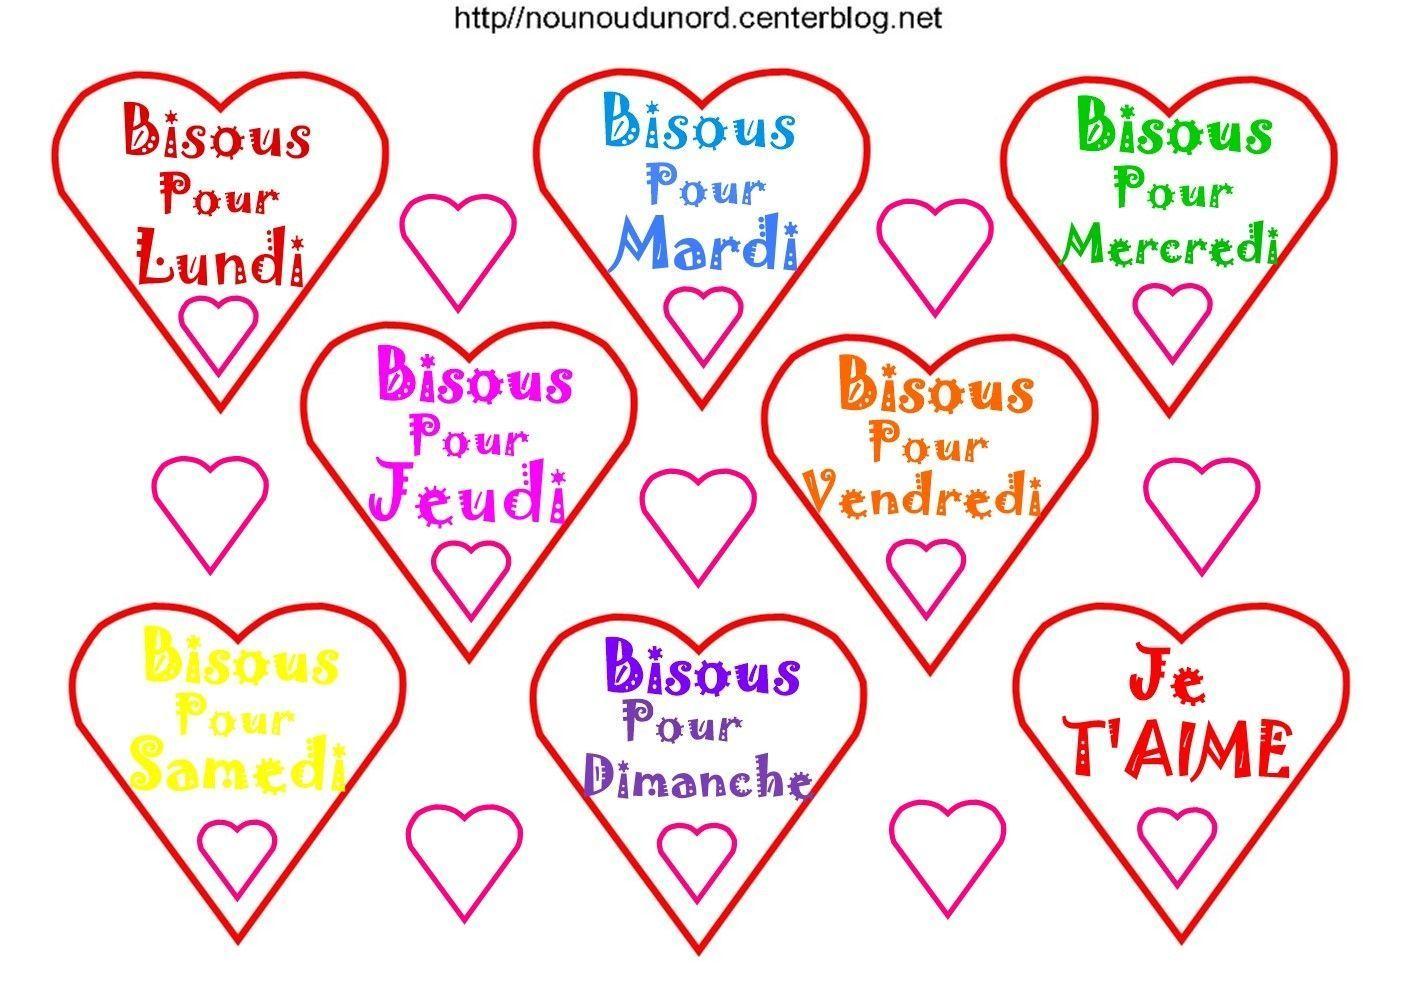 Bisous coeurs pour tous les jours de la semaine - Bisous dessin ...